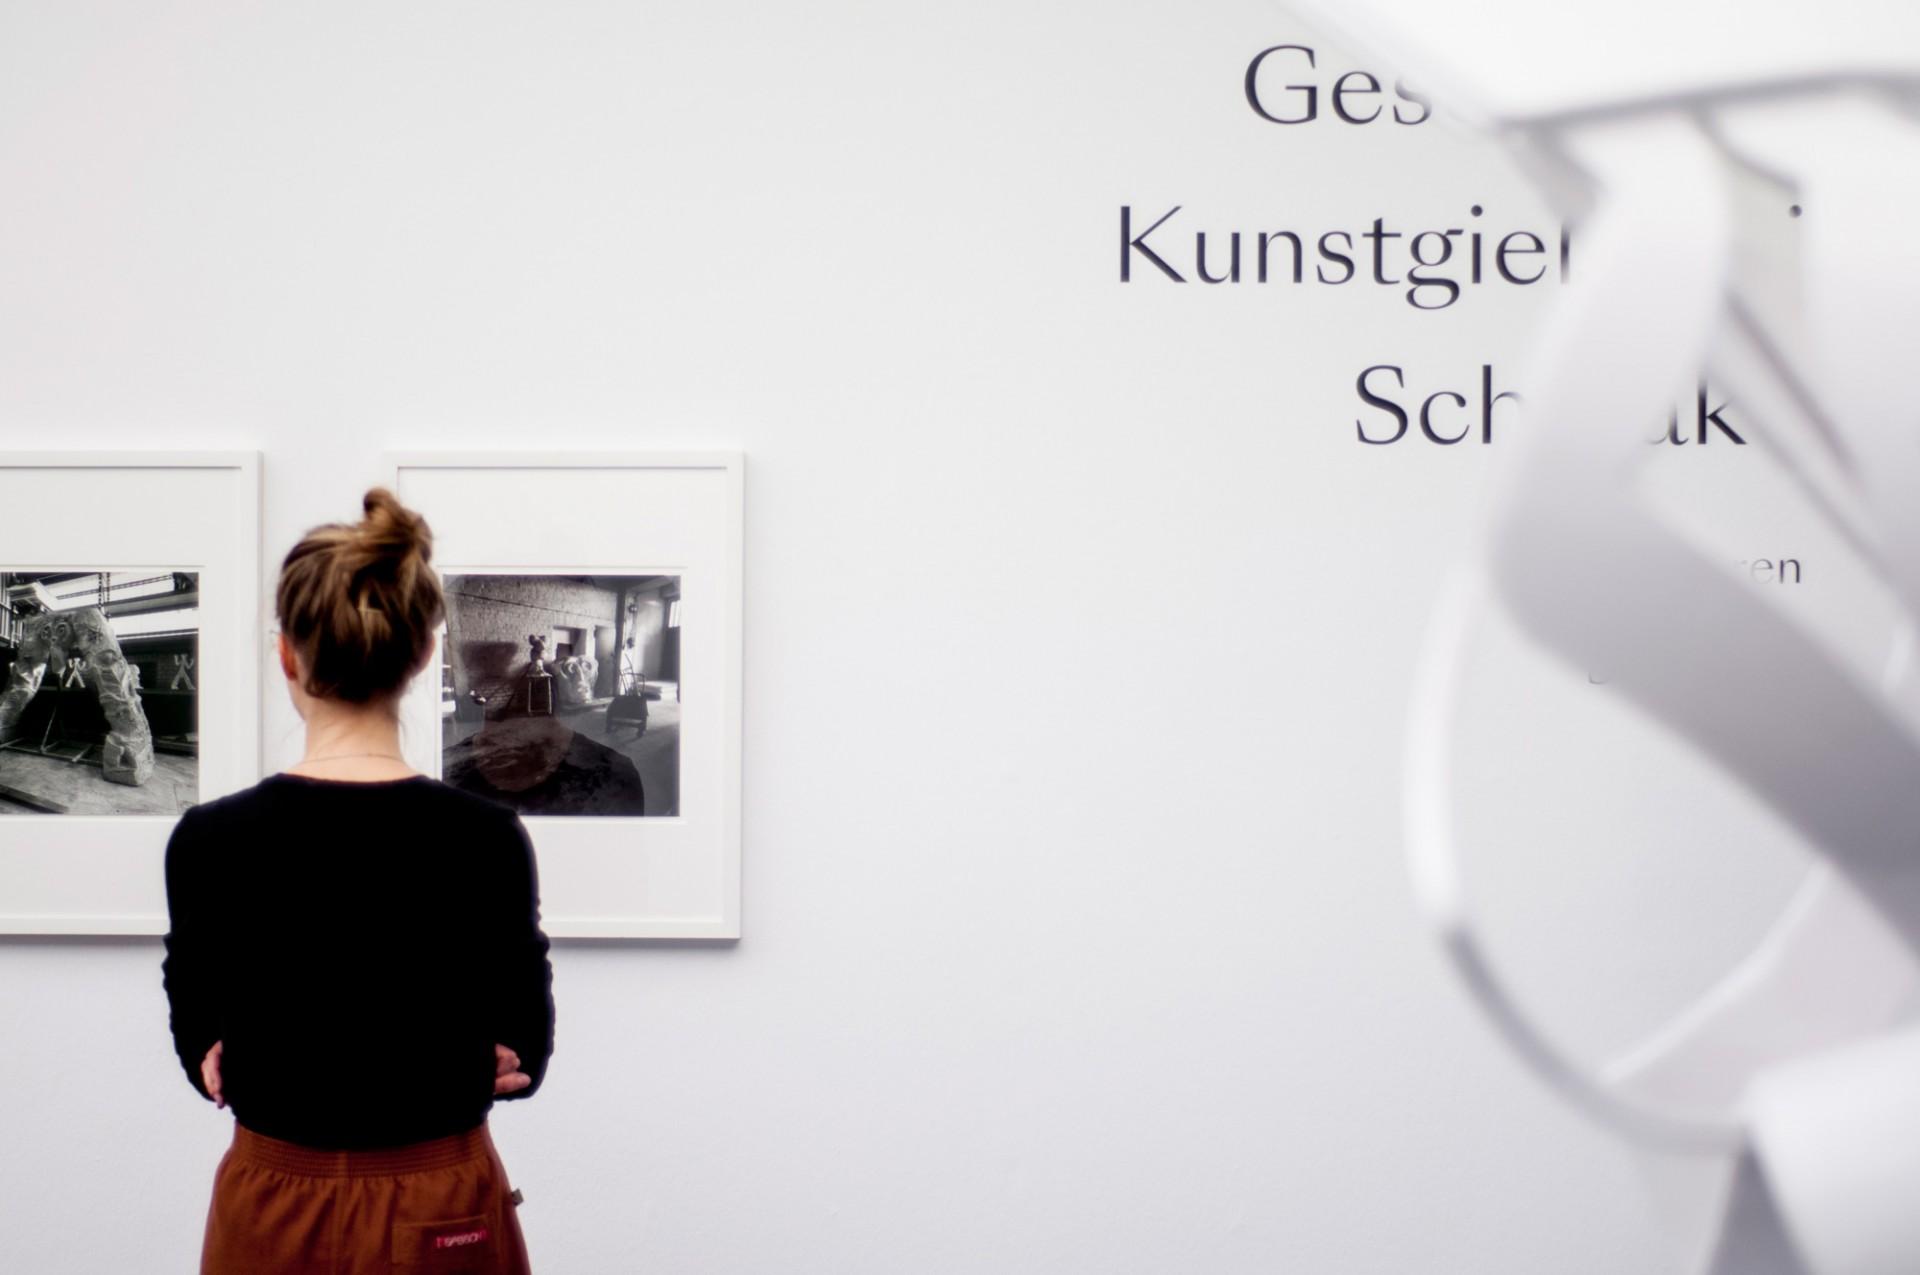 Kathrin Rutschmann Die Geschichte der Kunstgießerei Schmäke – Zum Berühren und Studieren